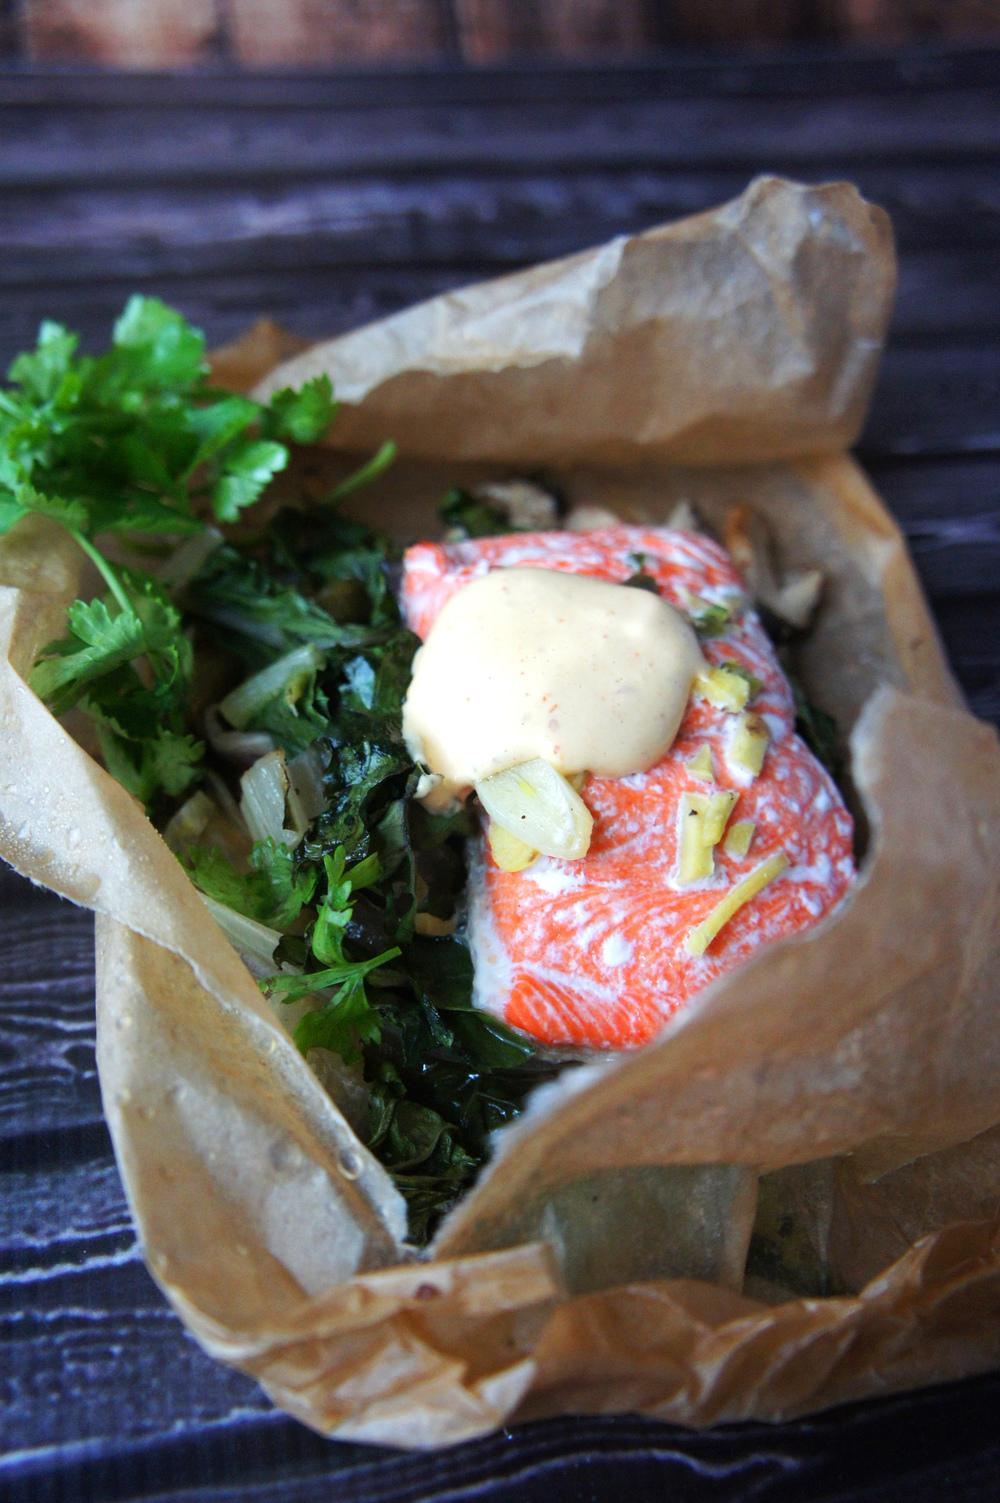 Salmon in Parchment with Shiitake Mushrooms, Swiss Chard, & Sriracha Aioli